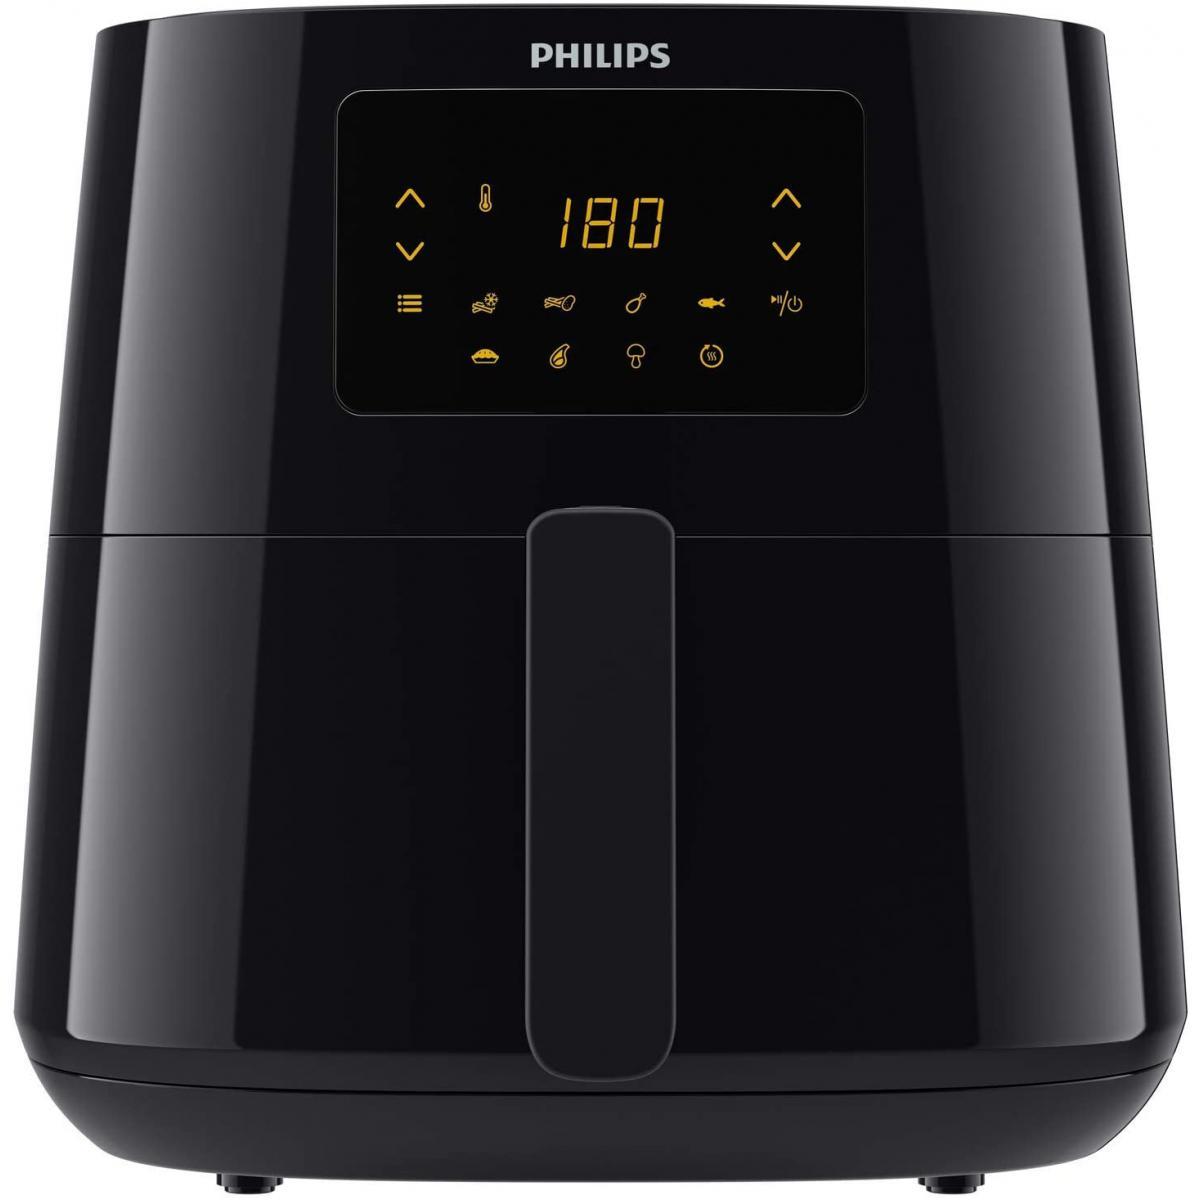 Philips friteuse électrique XL de 1,2KG 2000W noir